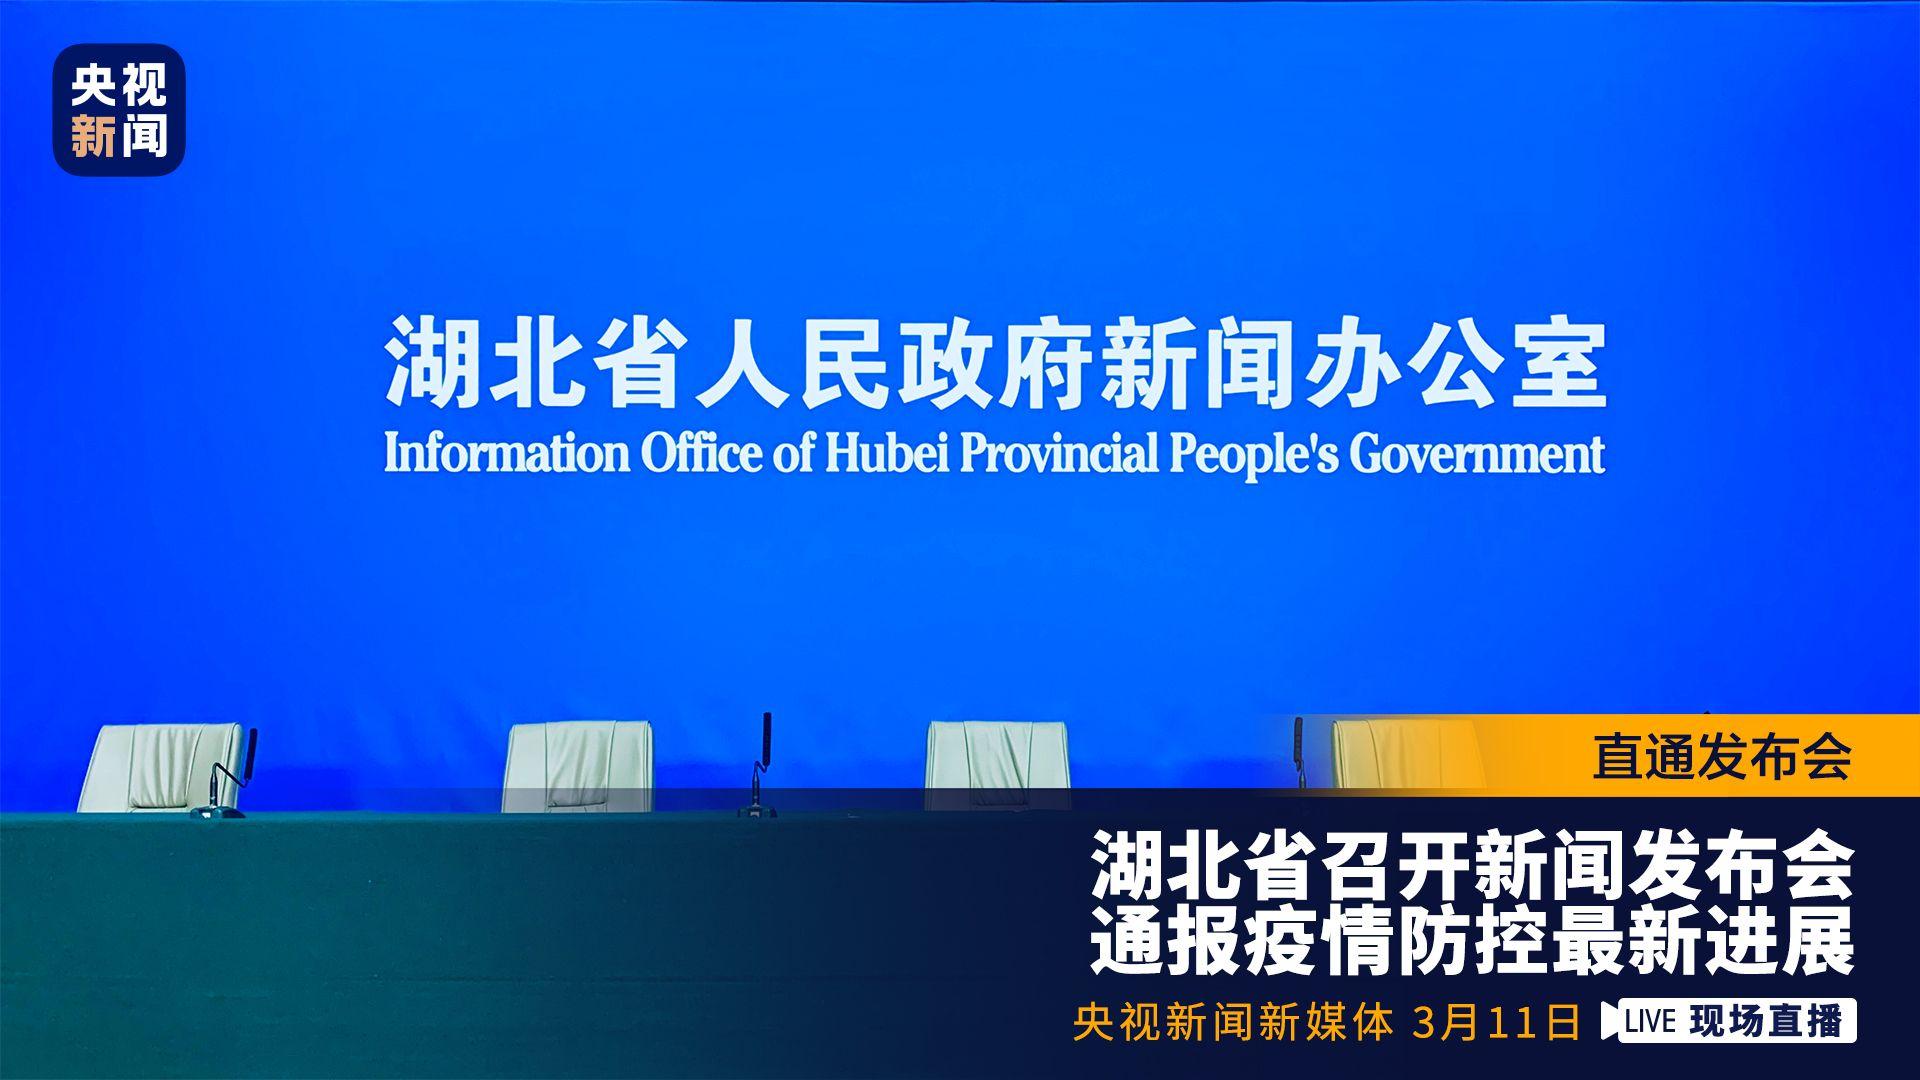 【直播】湖北省召開新聞發布會通報疫情防控最新進展